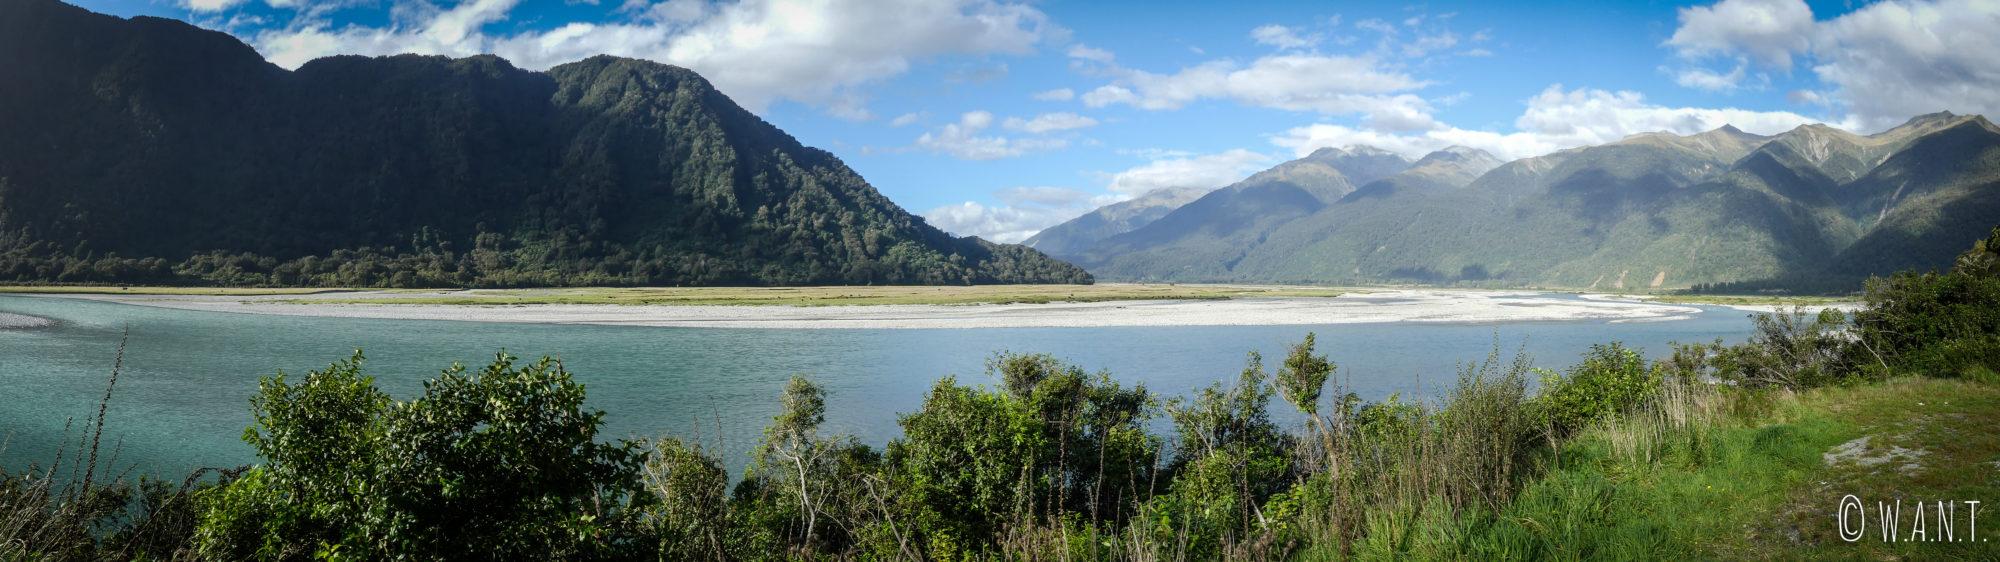 Magnifique paysage du Haast Pass sur l'île du sud de la Nouvelle-Zélande